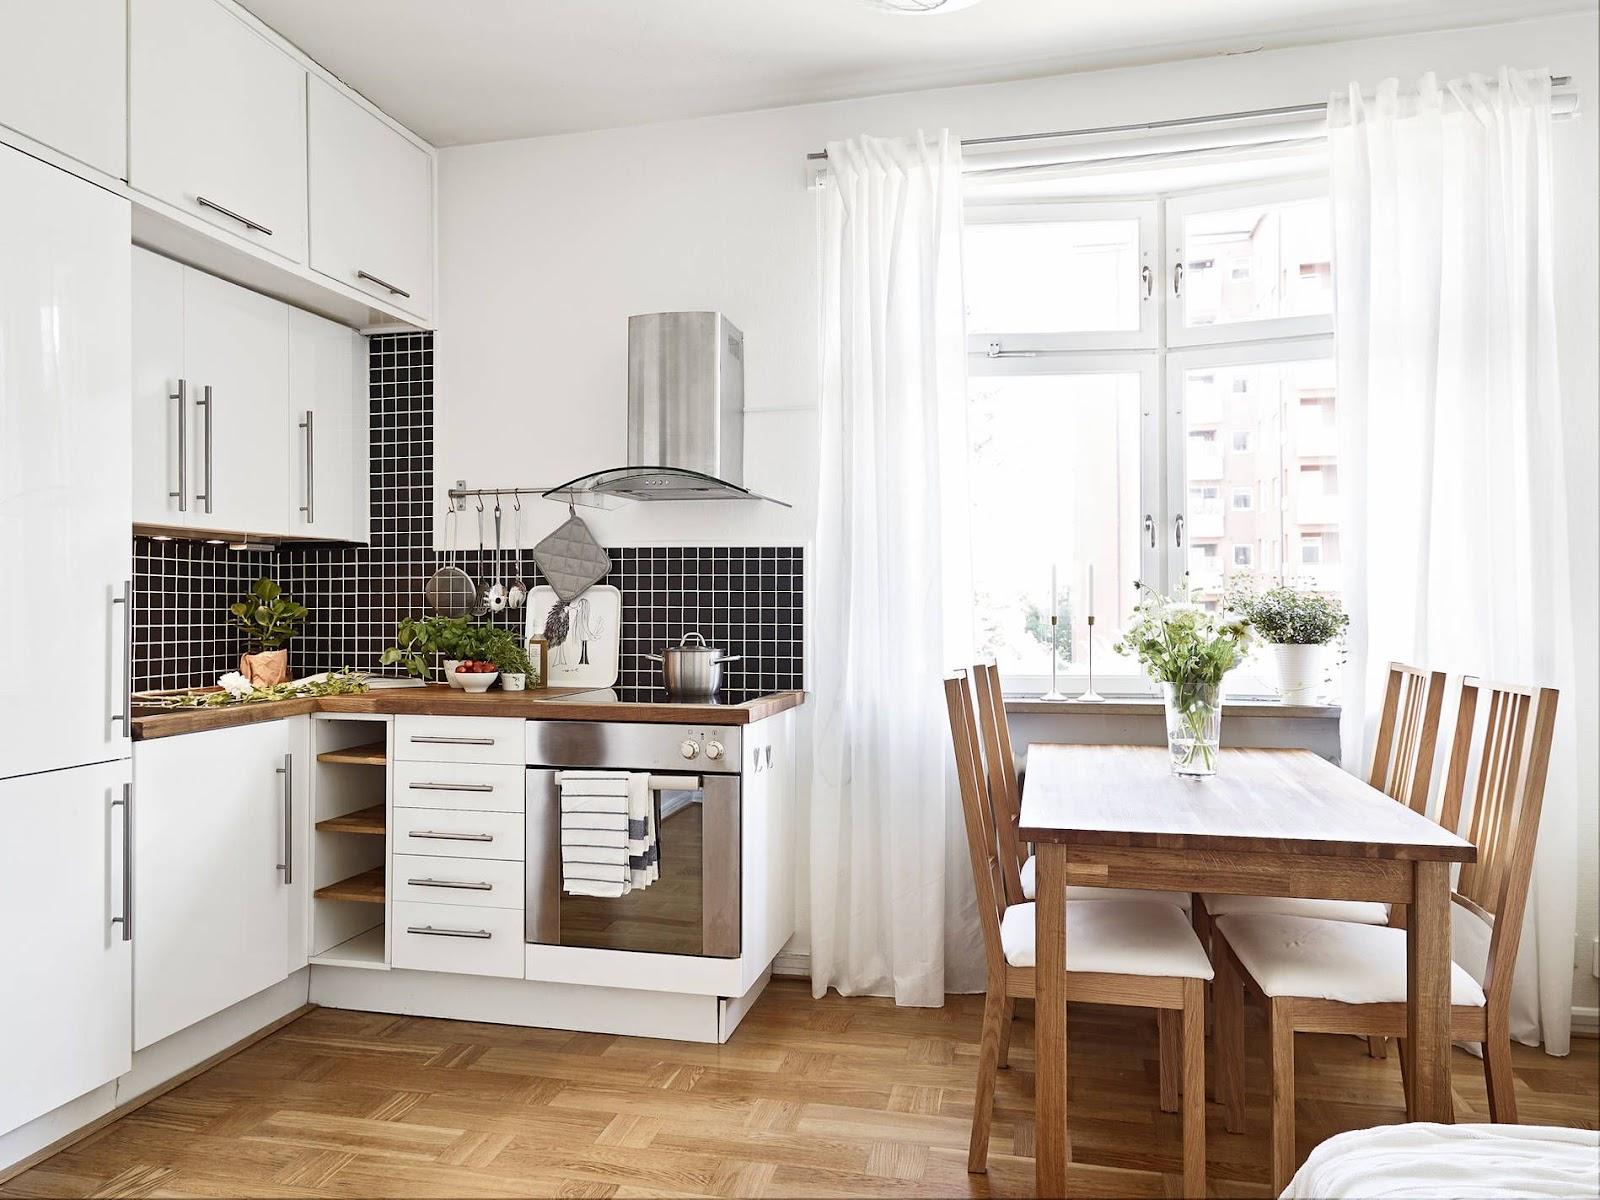 Inspirasi dapur dengan skema warna putih - source: thespruce.com